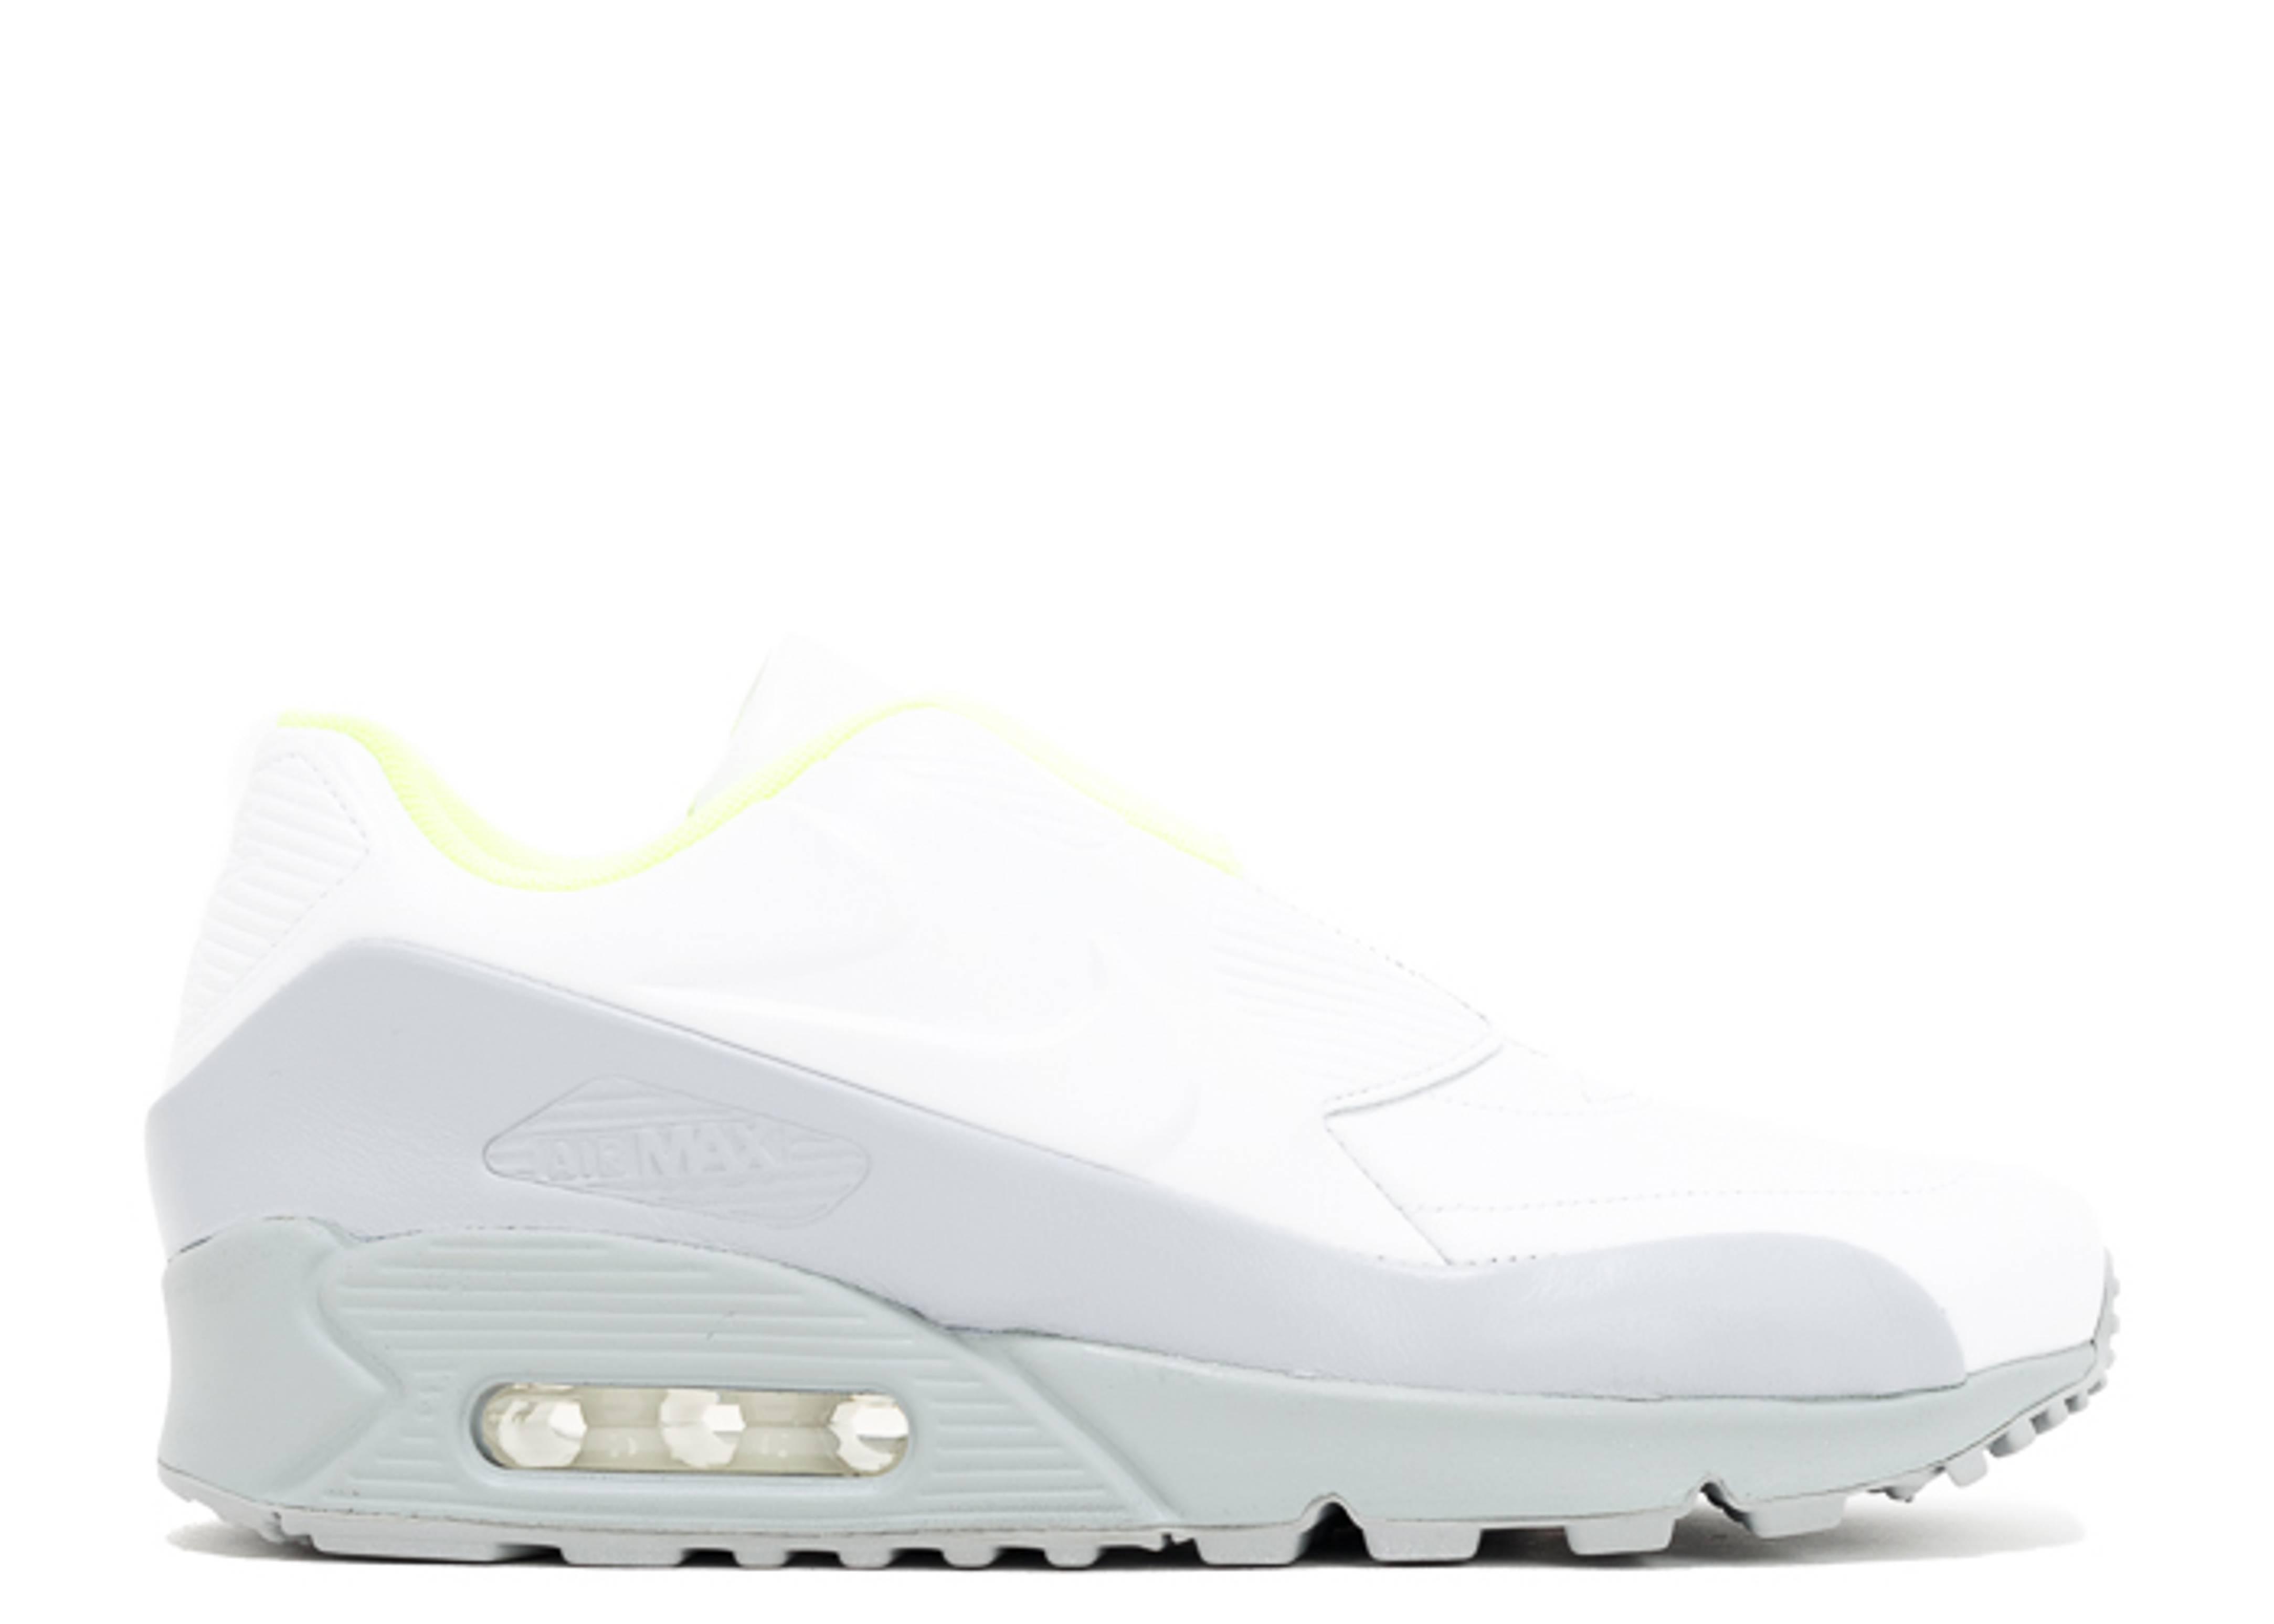 Max Sp 110 Sacai 90 Whitewhite 804550 W's Air Nike 50wUqx0tZ